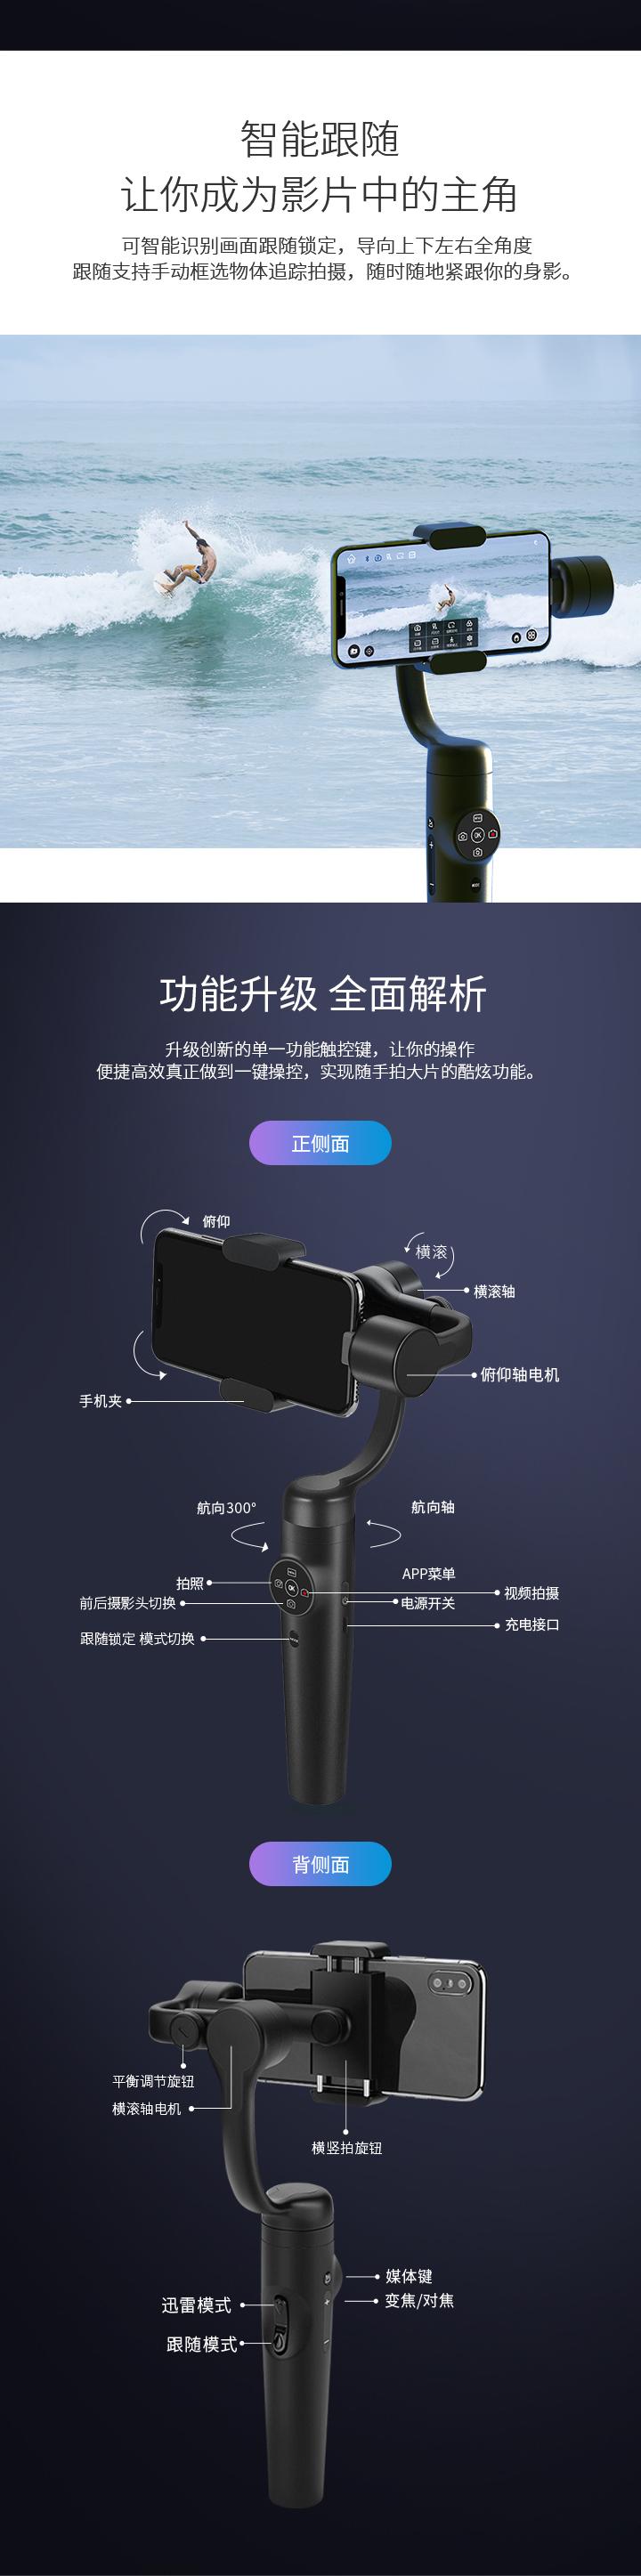 智卓P1手机云台稳定器免费试用,评测